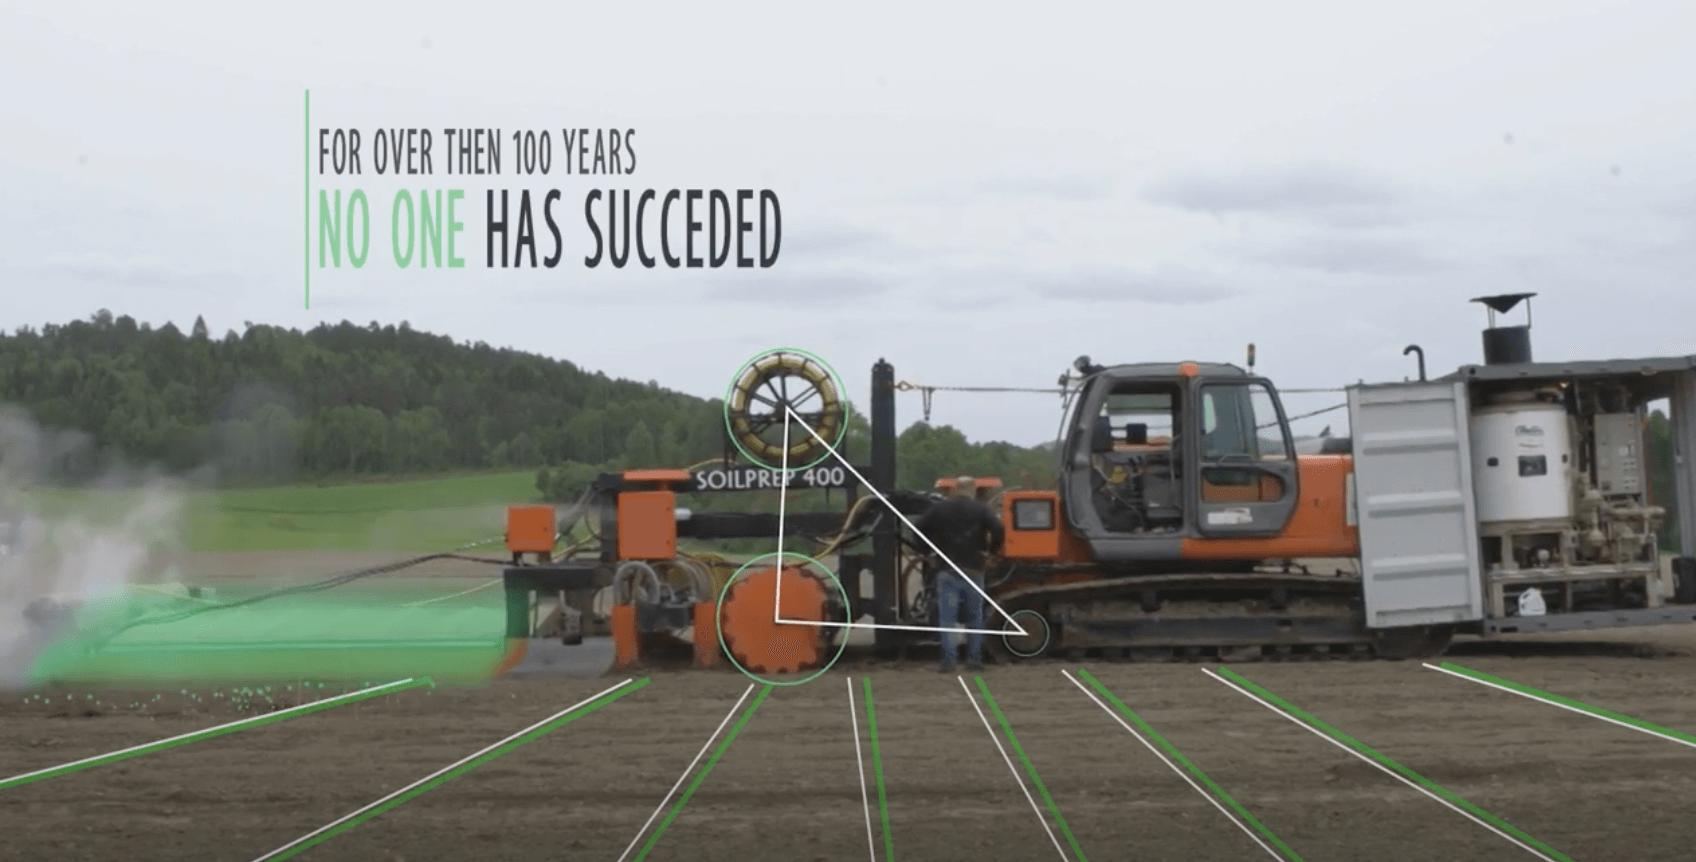 薬剤や農薬に頼らずに雑草や菌類を死滅させるスチーム機器を開発するSoil Steam社について解説